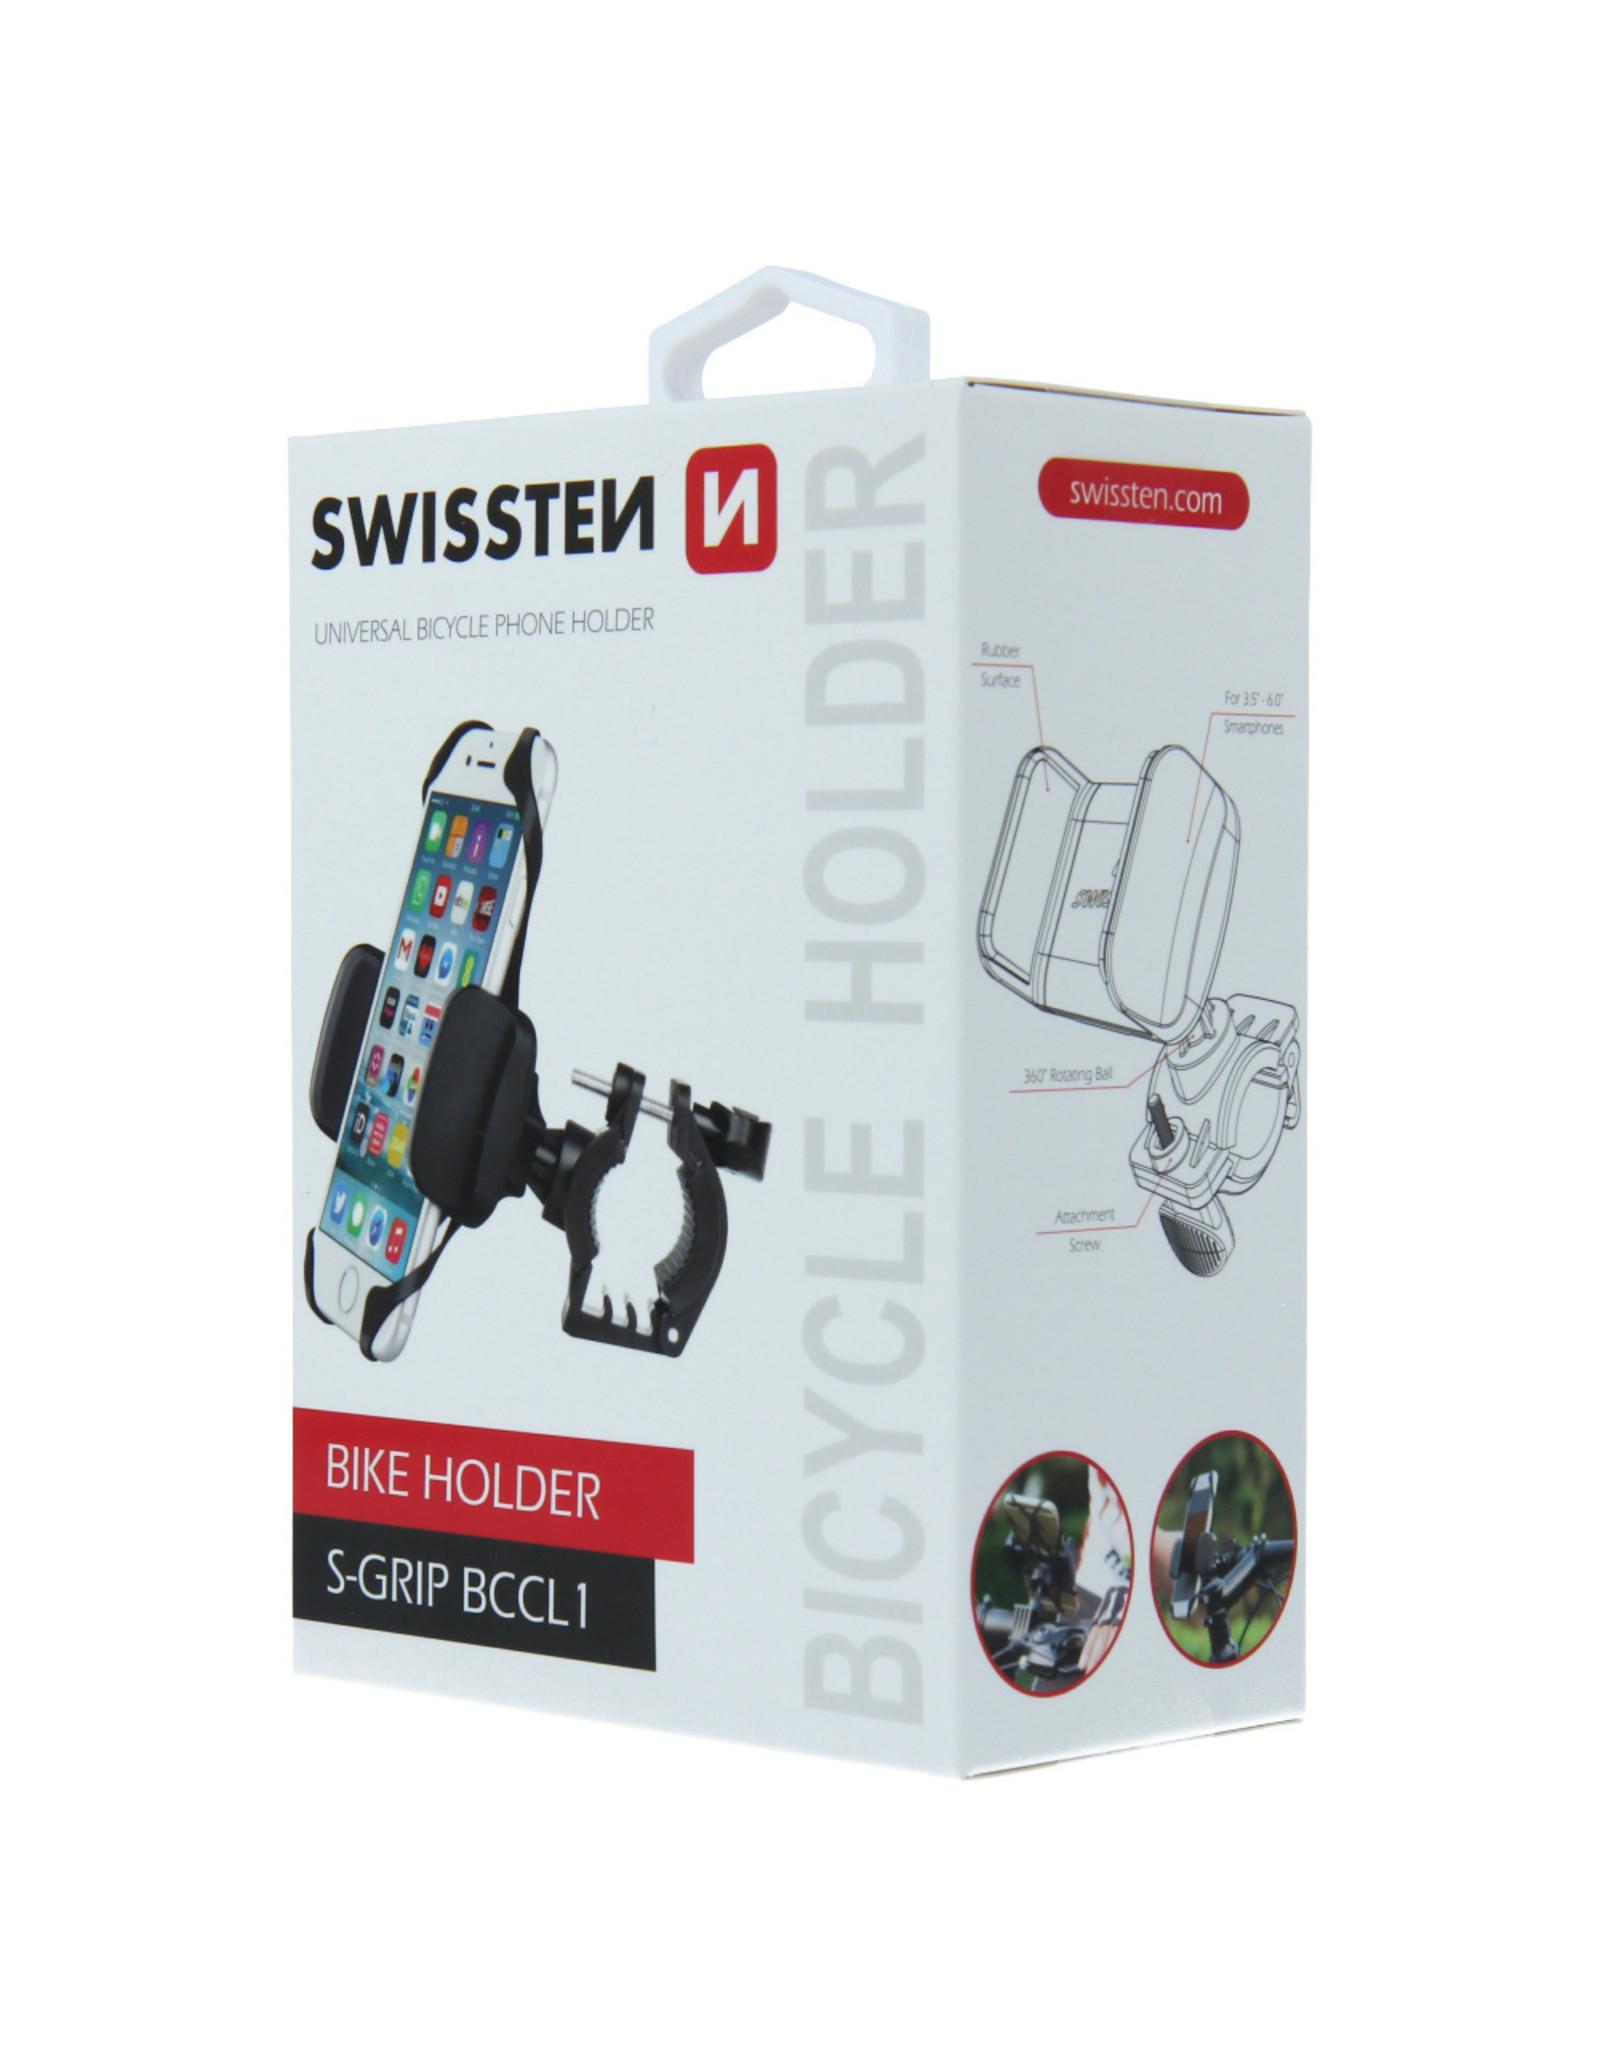 Swissten BIKE HOLDER SWISSTEN S-GRIP BCCL1